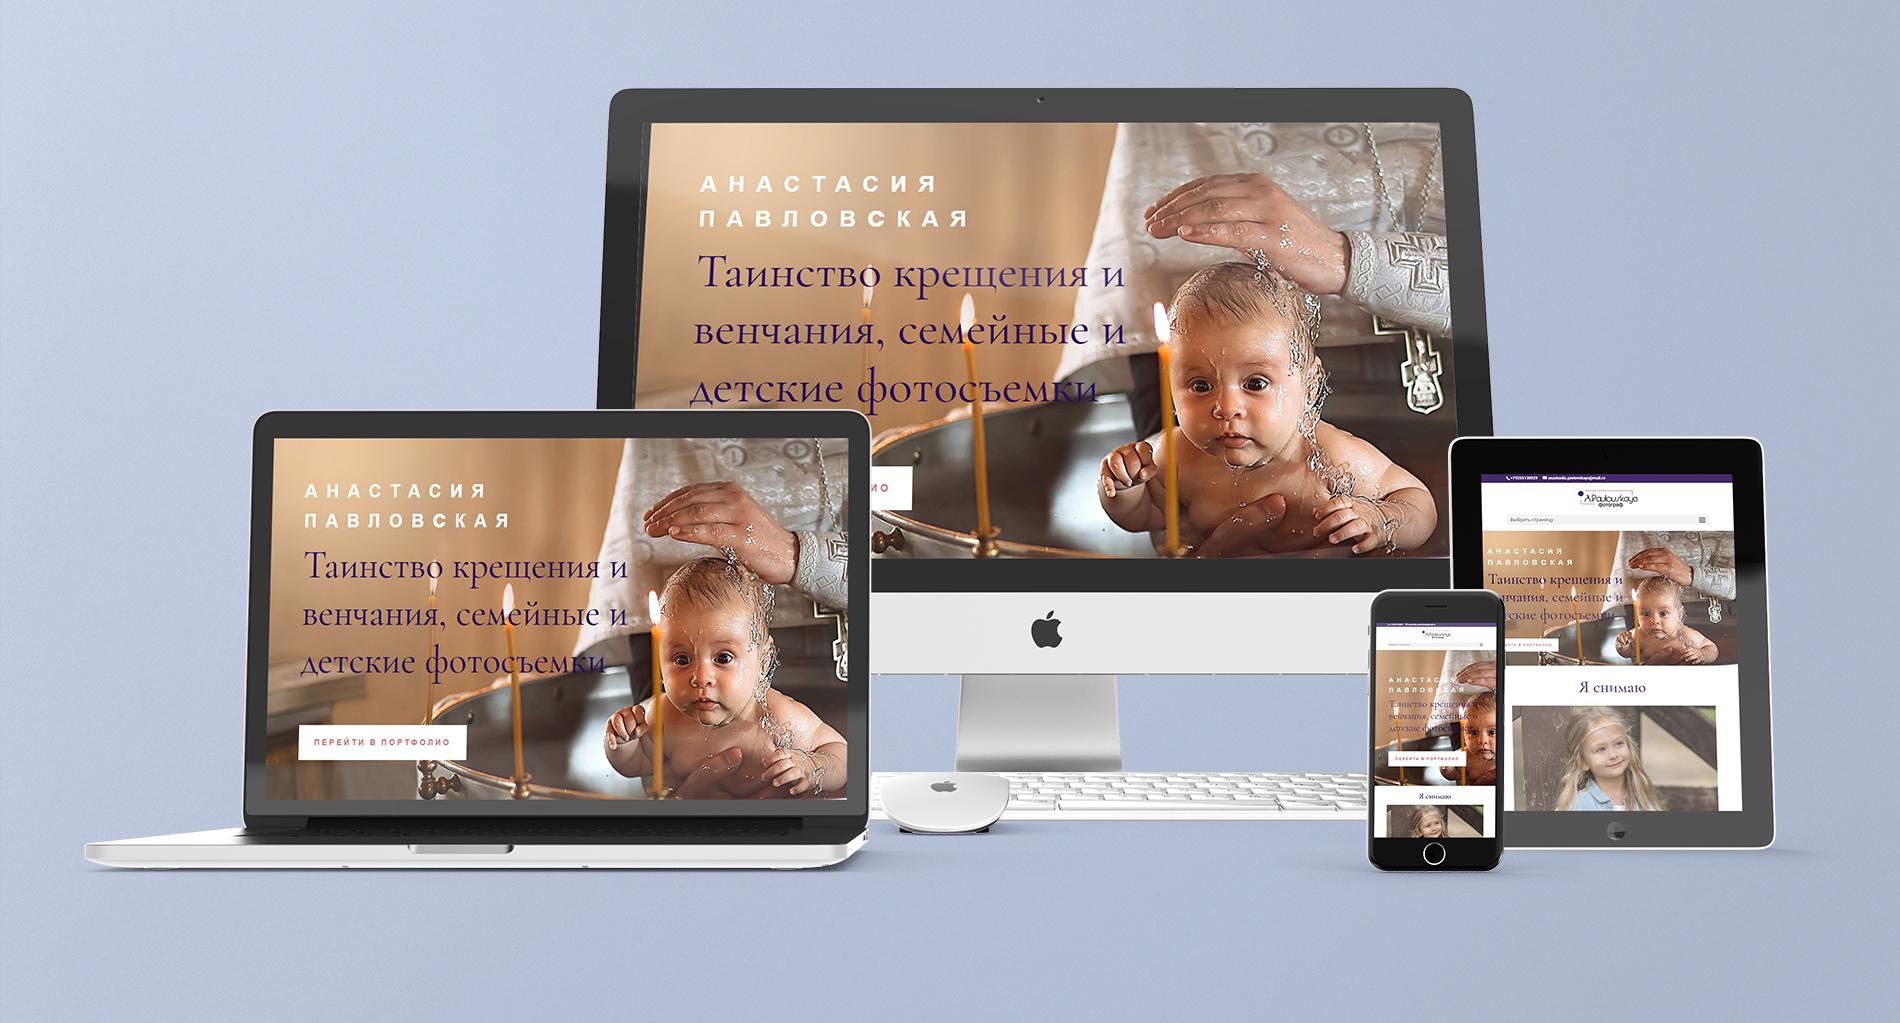 Анастасия Павловская: сайт-портфолио фотографа 2